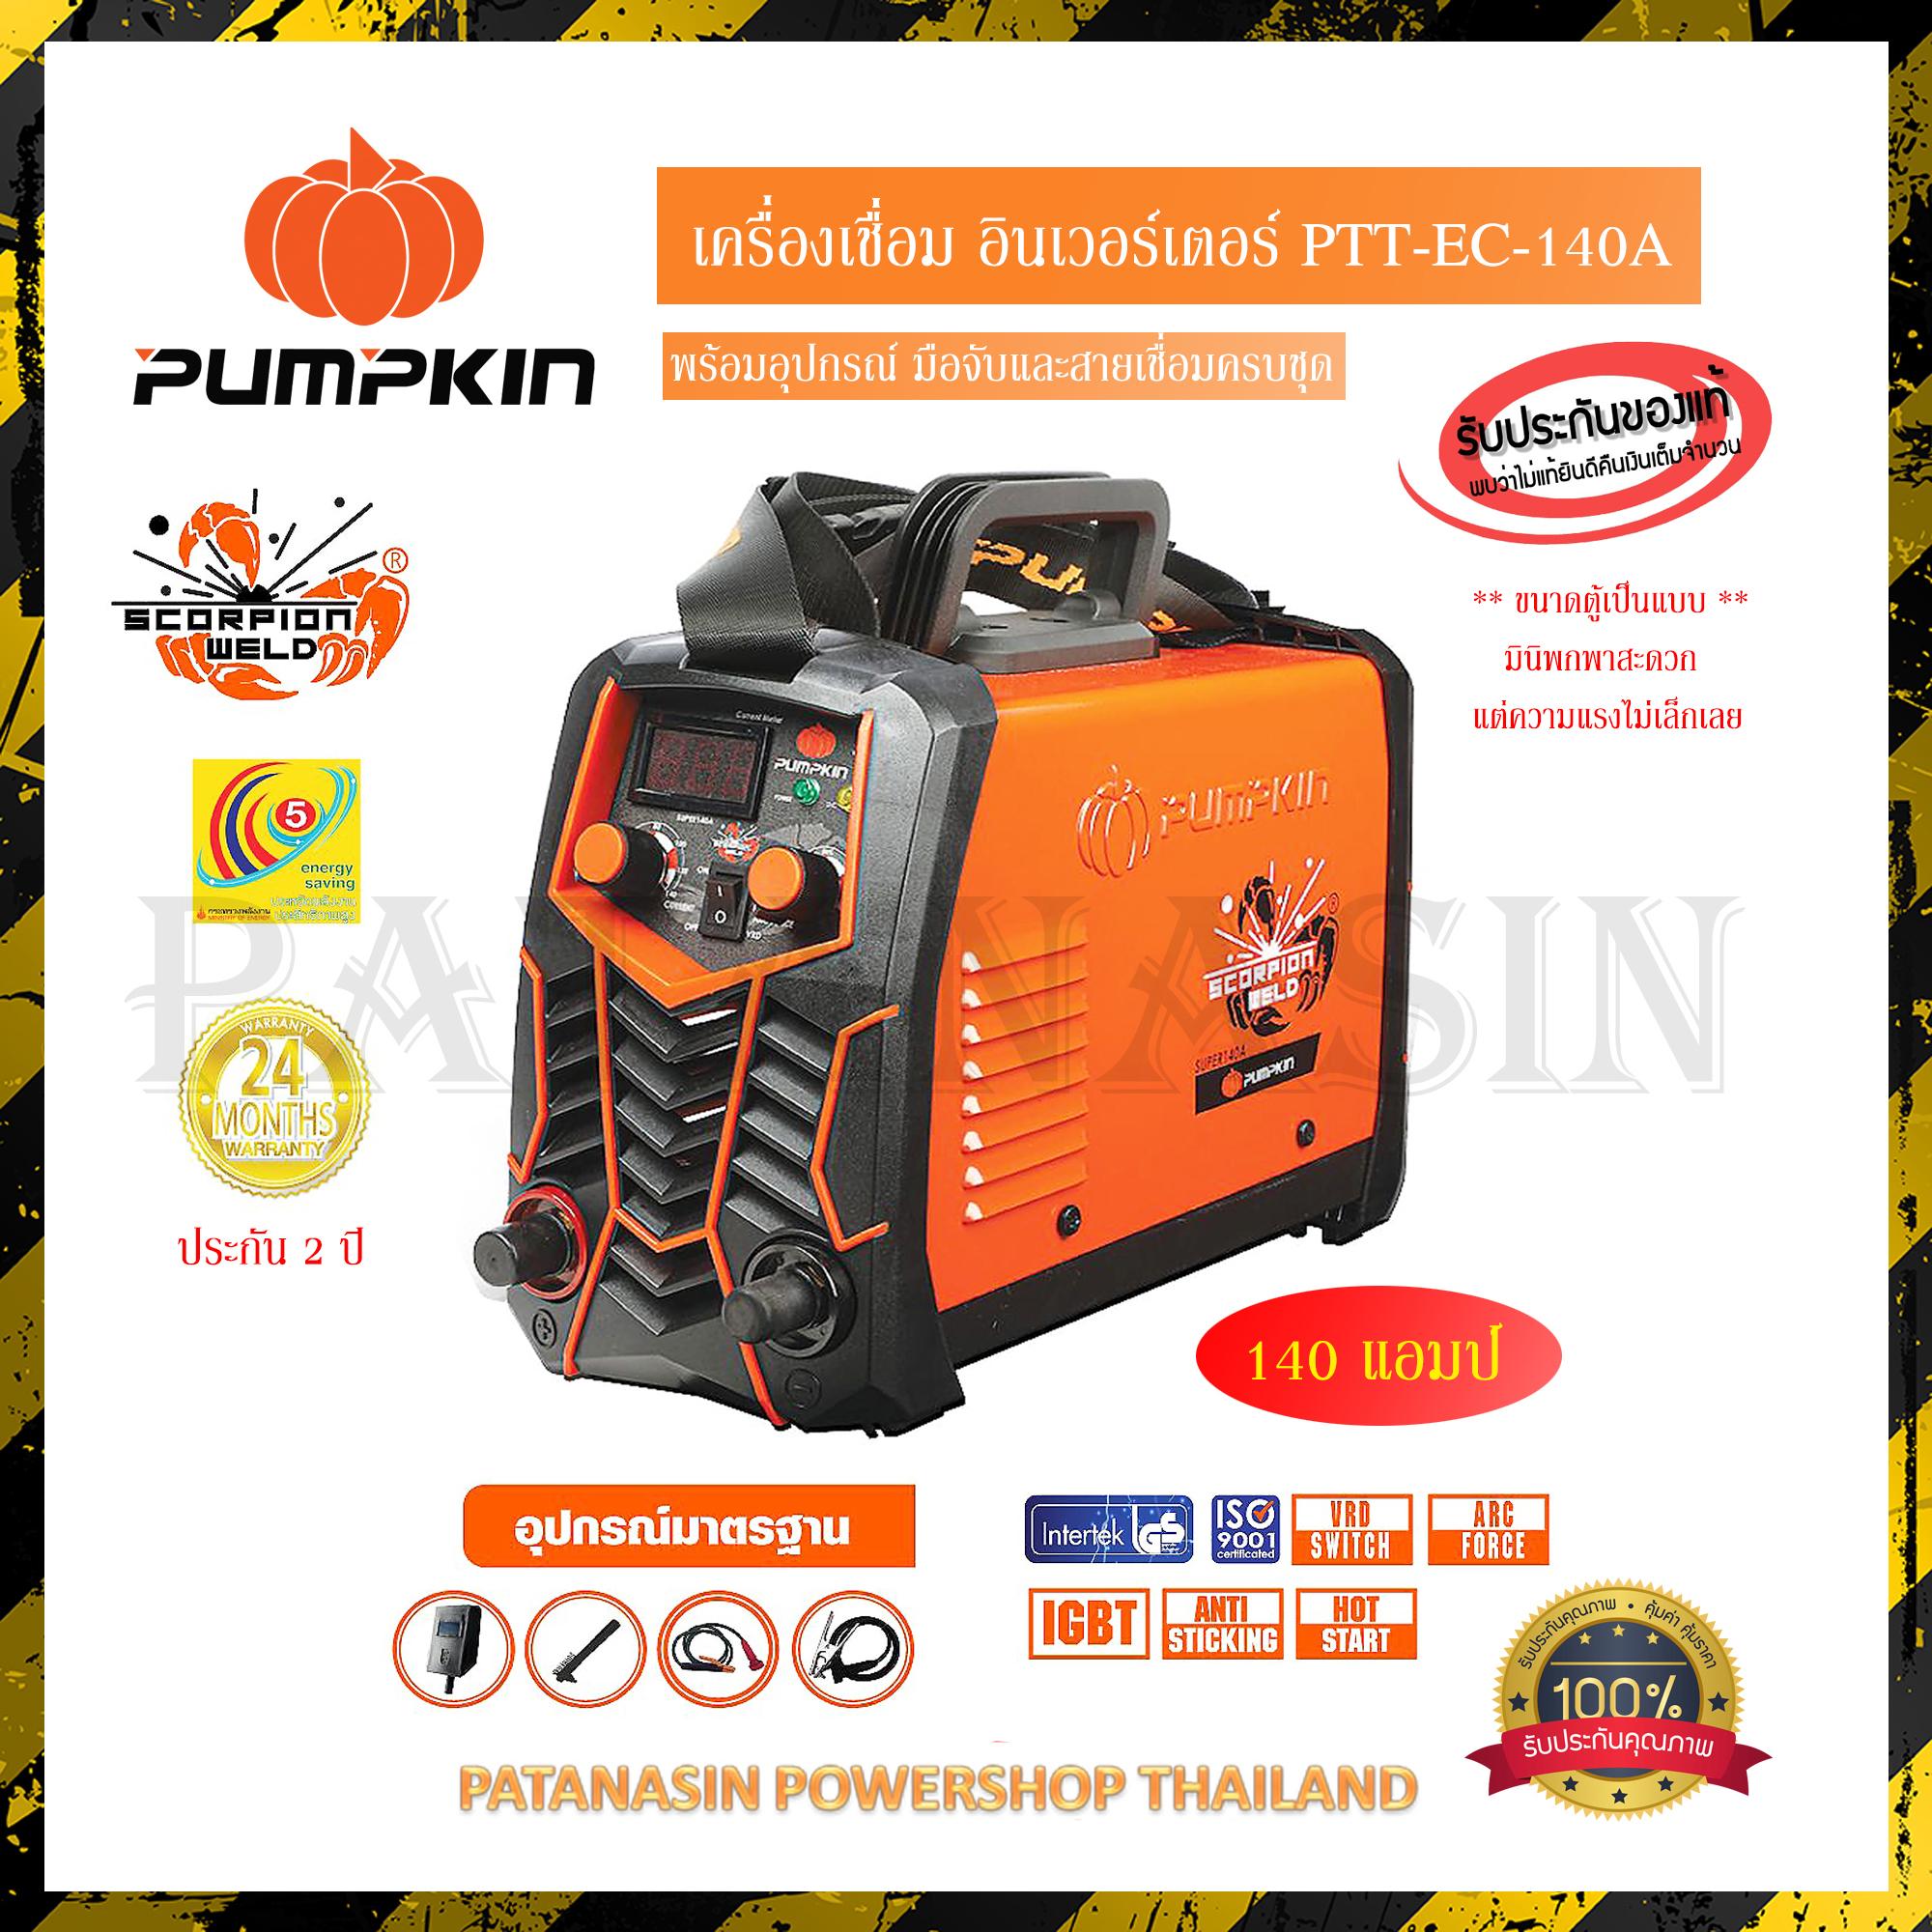 เครื่องเชื่อม อินเวอร์เตอร์ Pumpkin PTT-EC-140A